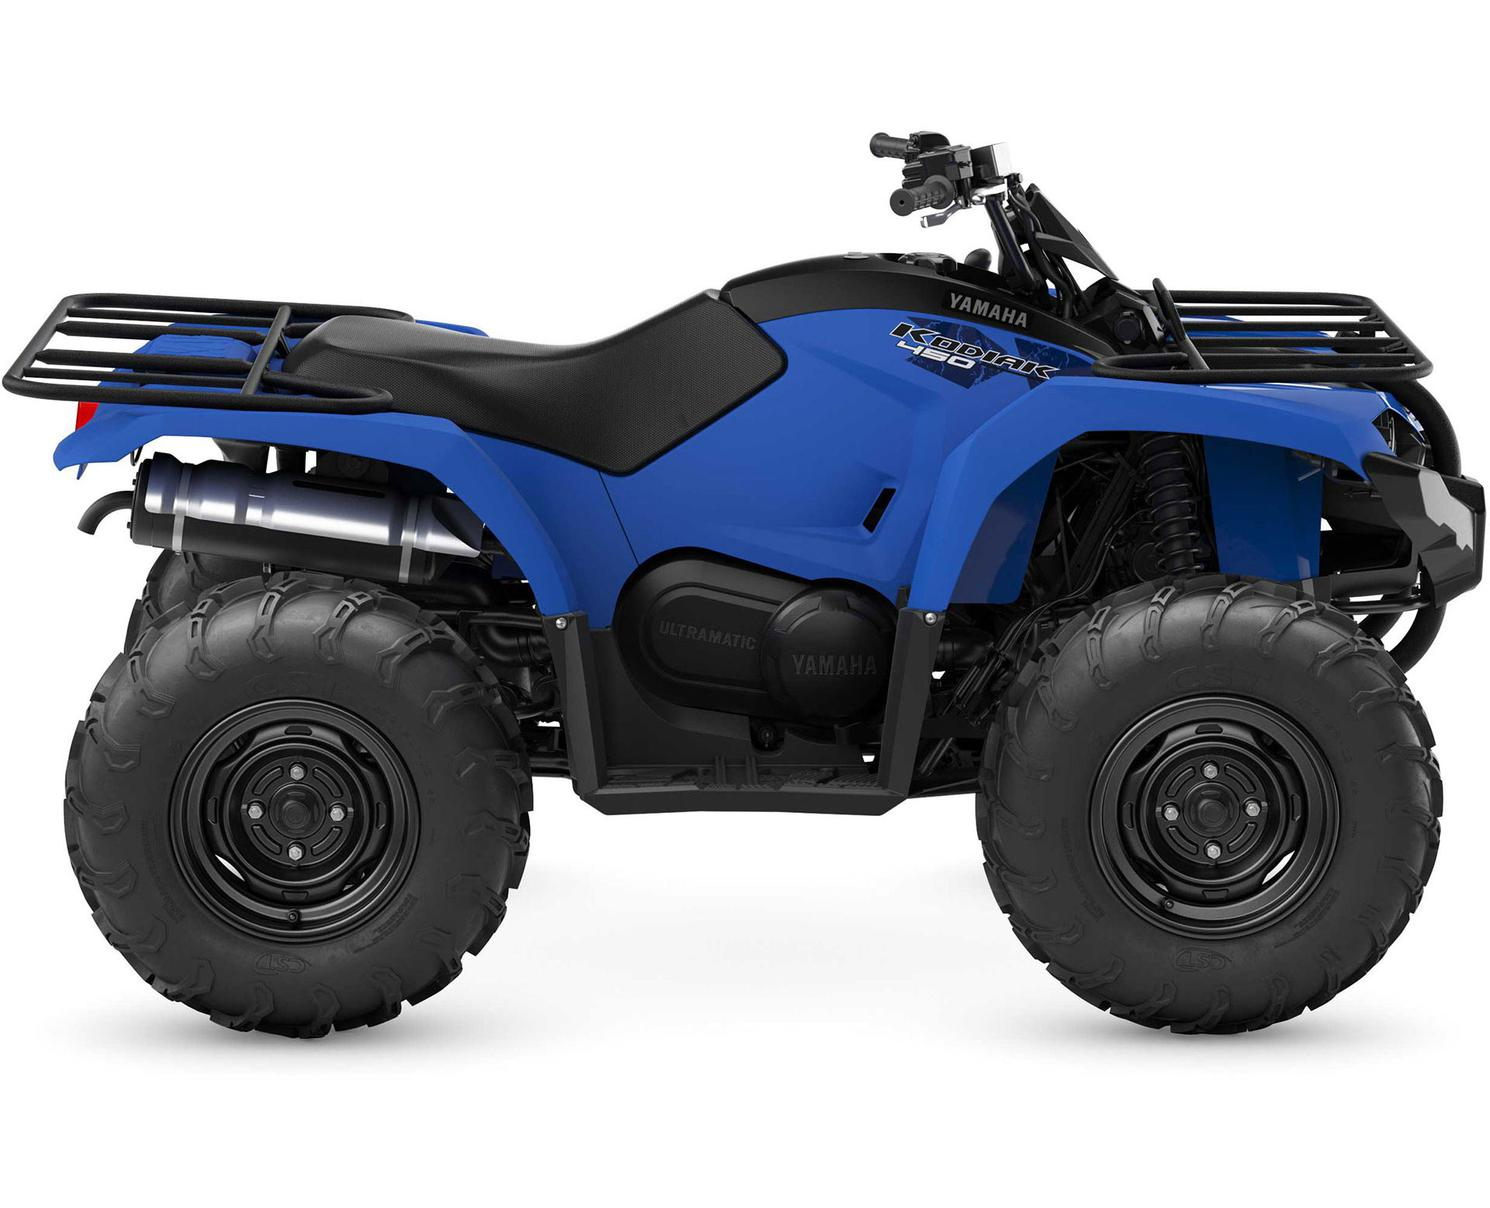 Yamaha Kodiak 450 Bleu Acier 2022